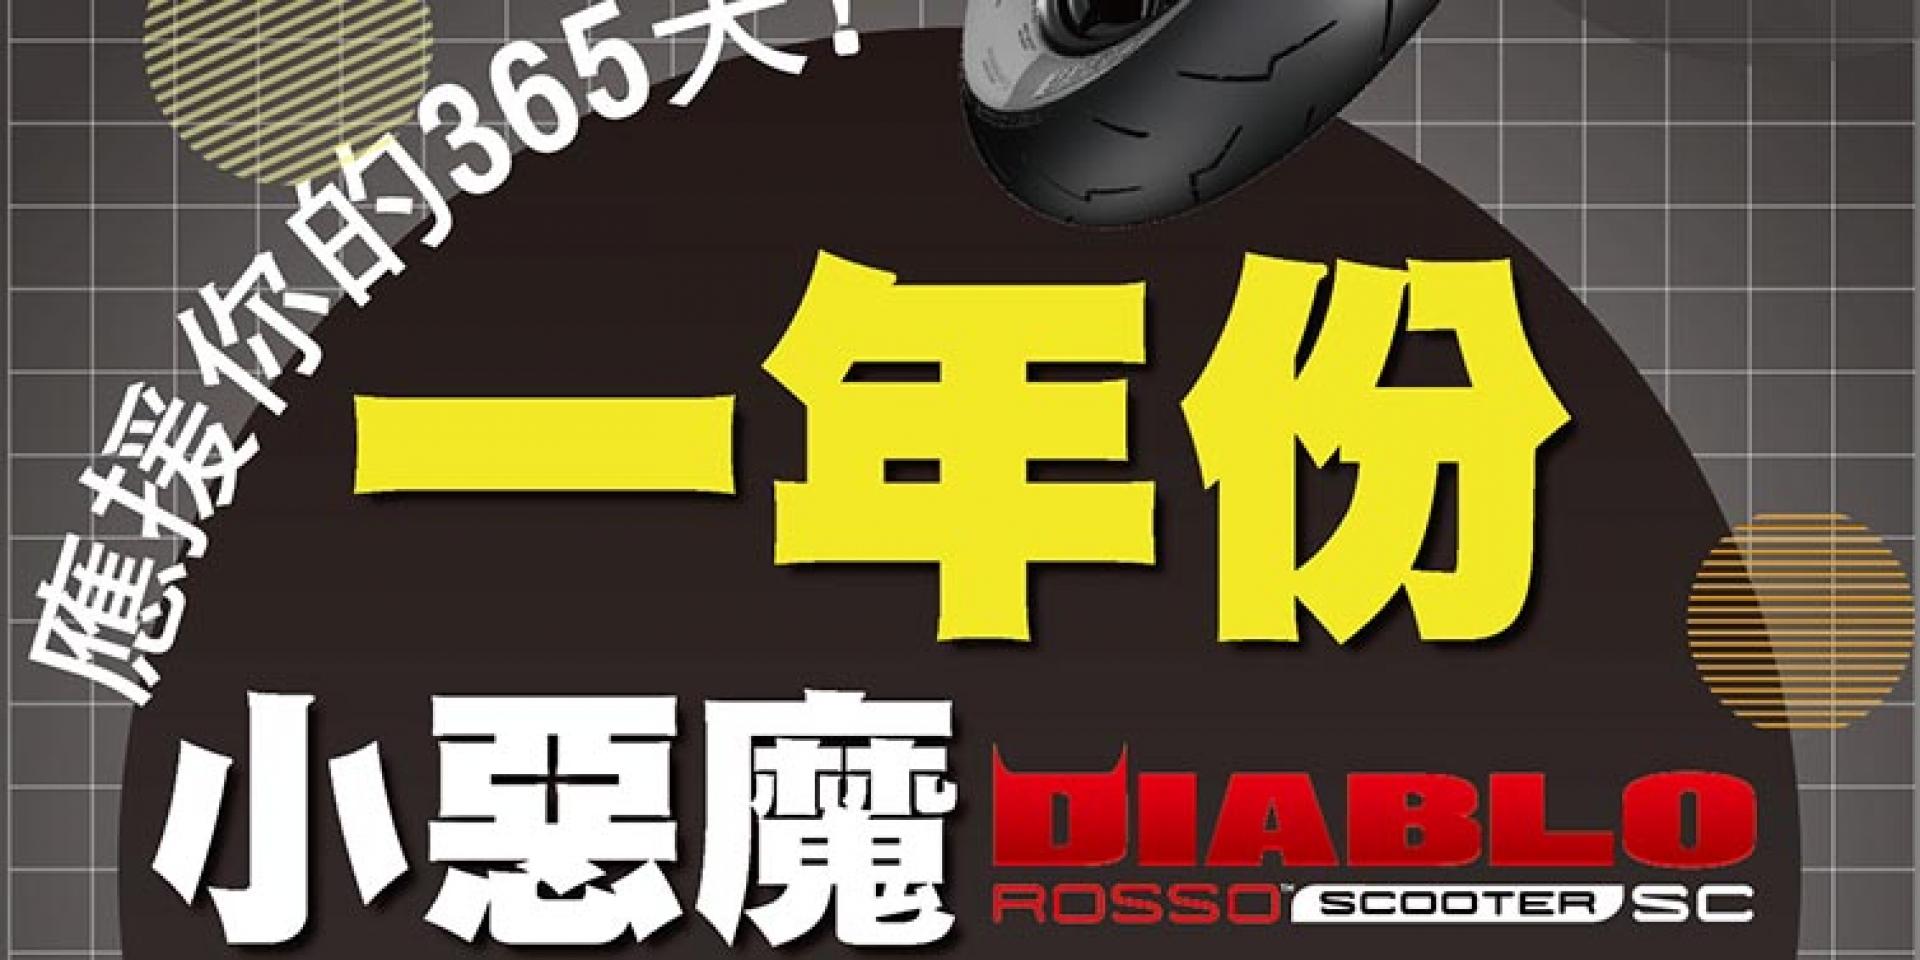 官方新聞稿。一年份小惡魔任你騎 倍耐力DIABLO ROSSO™ SCOOTER SC優惠活動第二彈